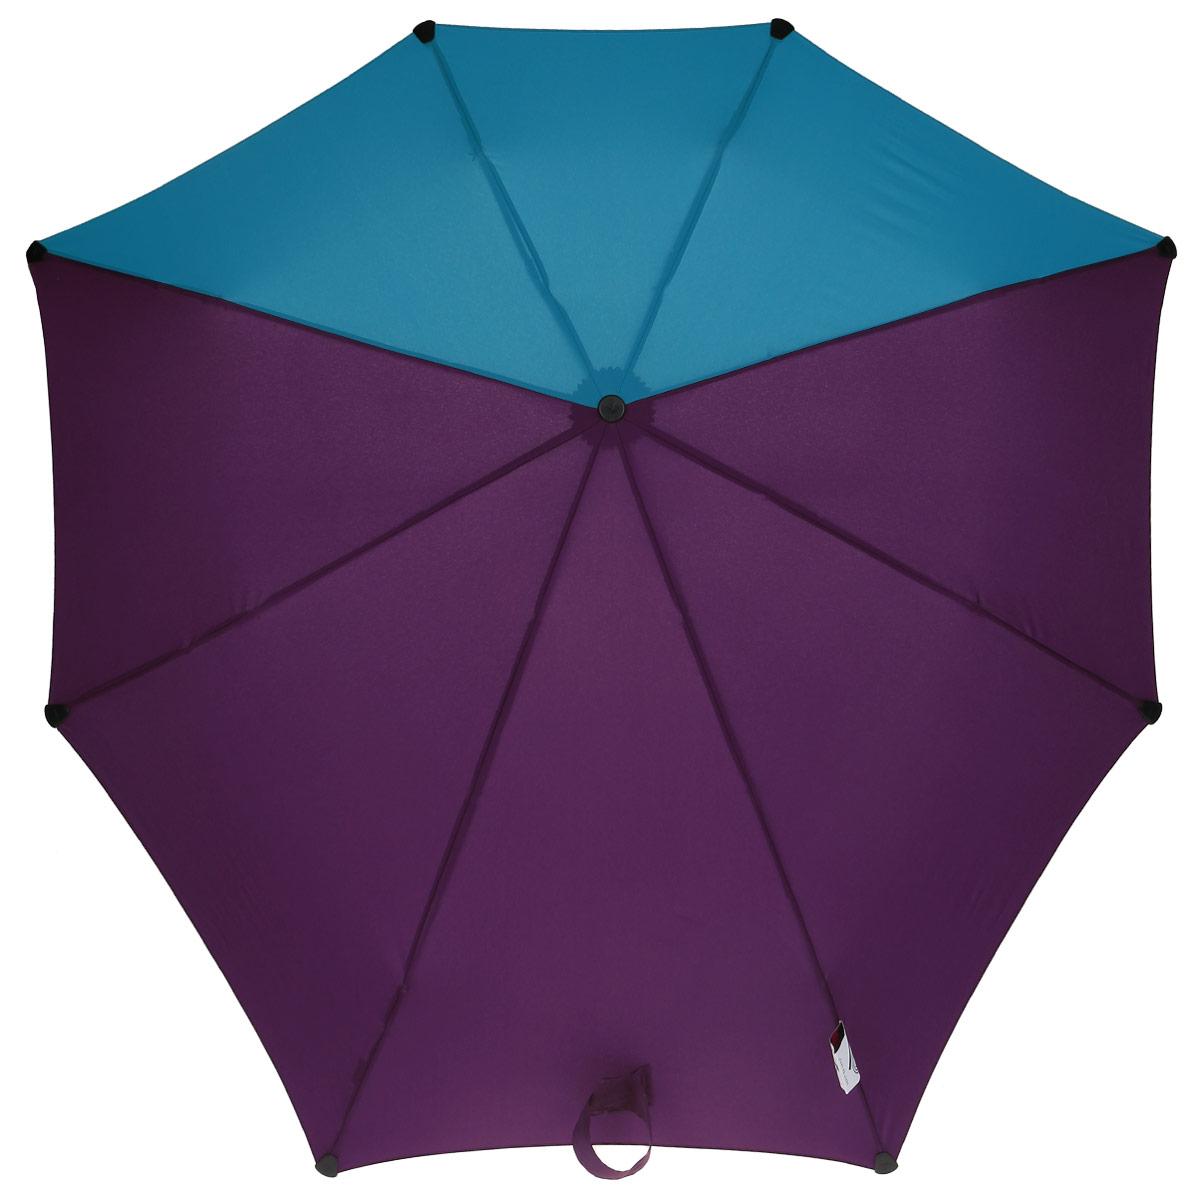 Зонт-автомат Senz, цвет: фиолетовый, голубой. 10240121024012Инновационный противоштормовый зонт, выдерживающий любую непогоду. Входит в коллекцию senz6, разработанную совместно со знаменитыми дизайнерами фэшн-индустрии и отвечающую новейшим веяниям моды. Форма купола продумана так, что вы легко найдете самое удобное положение на ветру – без паники и без борьбы со стихией. Закрывает спину от дождя. Благодаря своей усовершенствованной конструкции, зонт не выворачивается наизнанку даже при сильном ветре. Характеристики: - тип — автомат - три сложения - выдерживает порывы ветра до 80 км/ч - УФ-защита 50+ - эргономичная ручка - безопасные колпачки на кончиках спиц - в комплекте чехол с фирменным принтом - гарантия 2 года Размер купола - 91 х 91 см., длина в сложенном виде - 28 см., в раскрытом - 57 см. Весит 360 г.